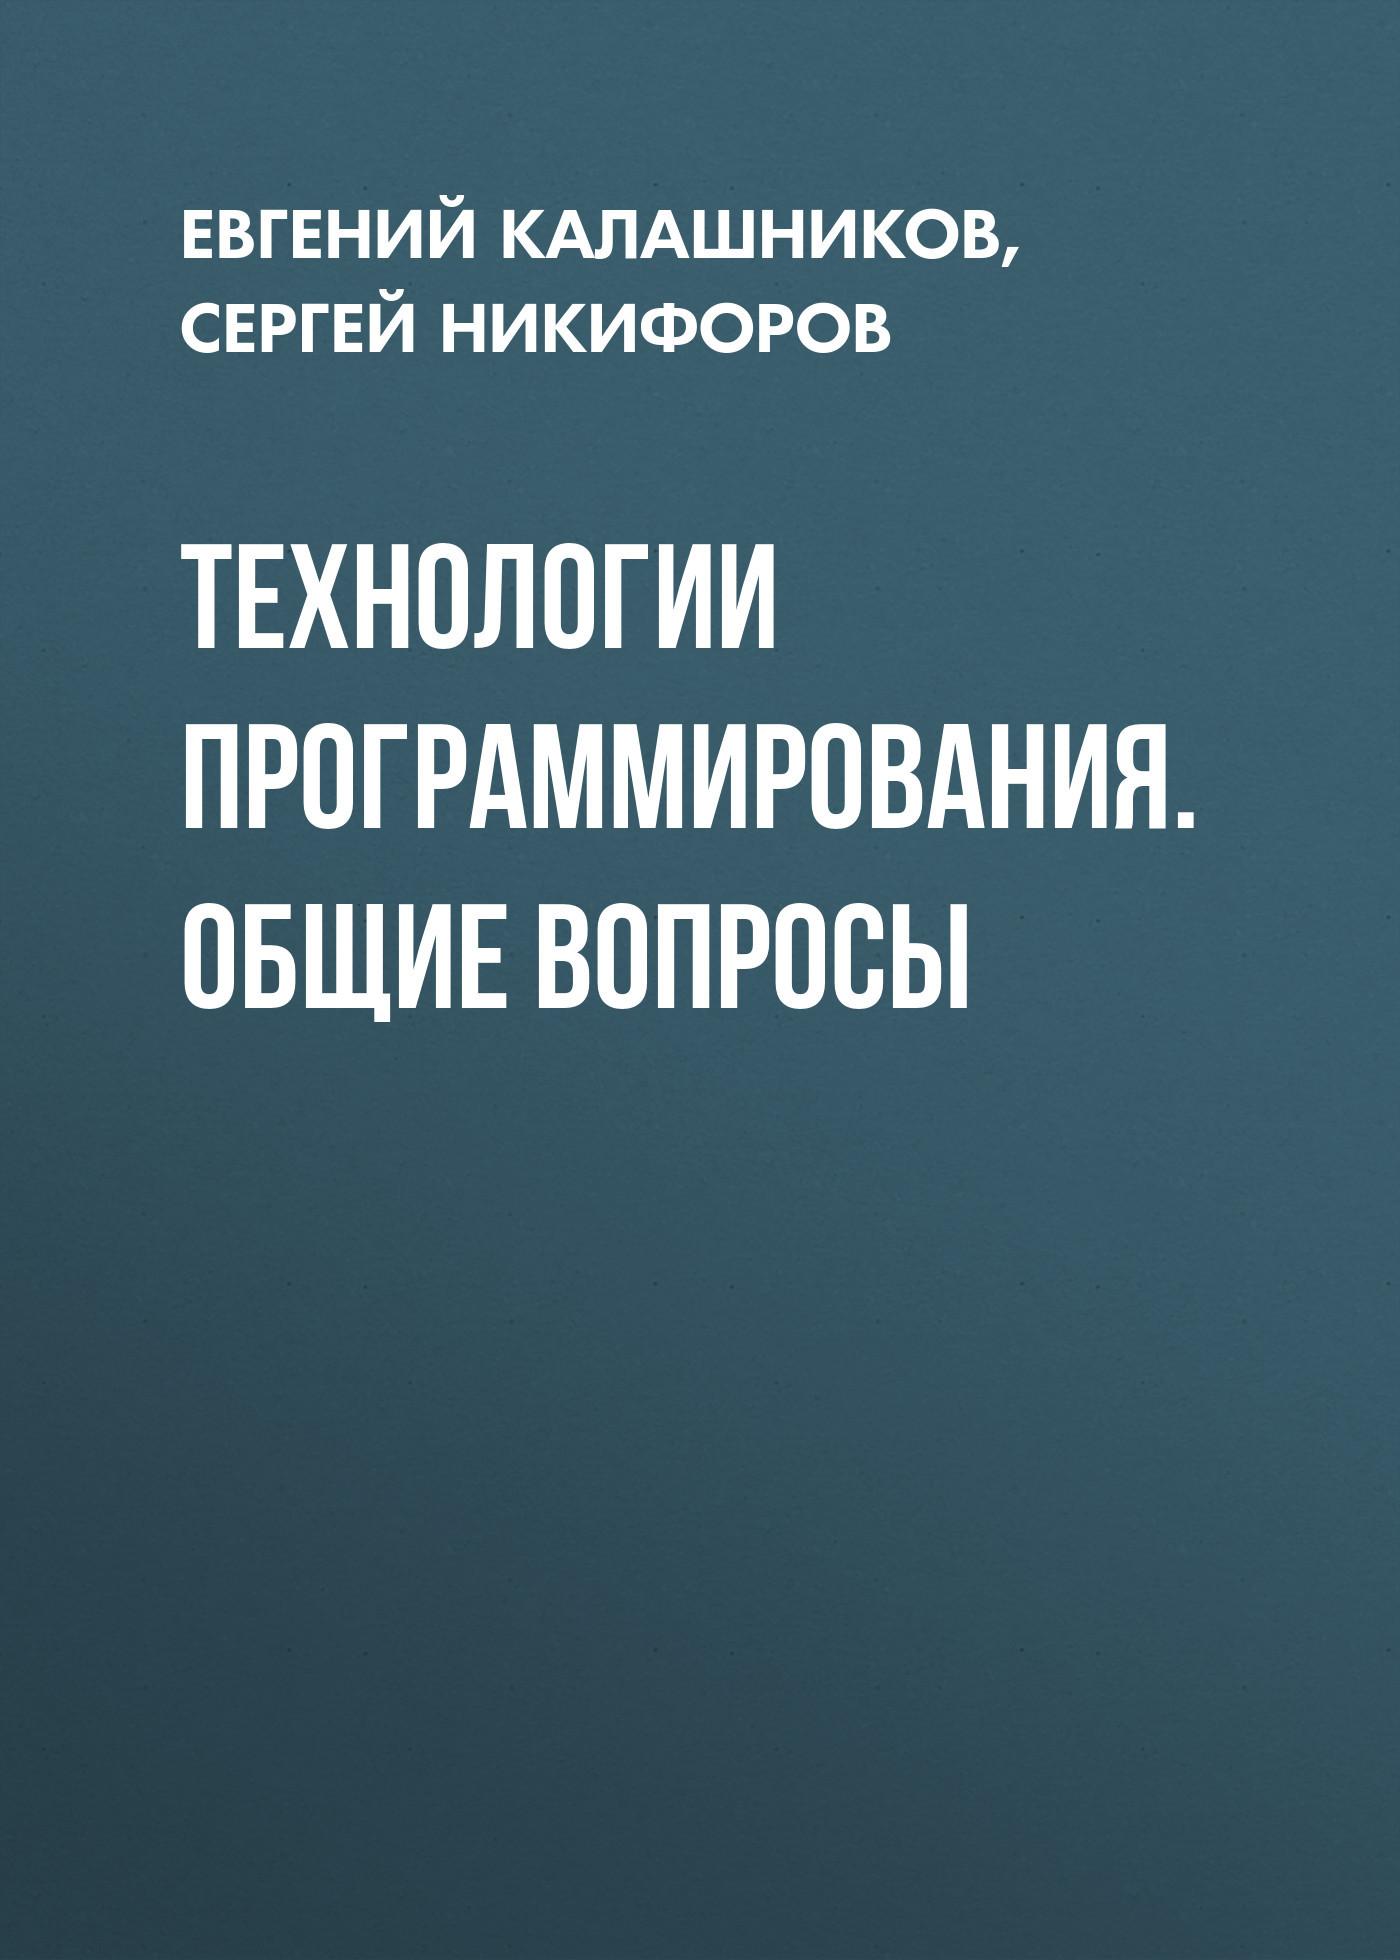 Евгений Калашников. Технологии программирования. Общие вопросы